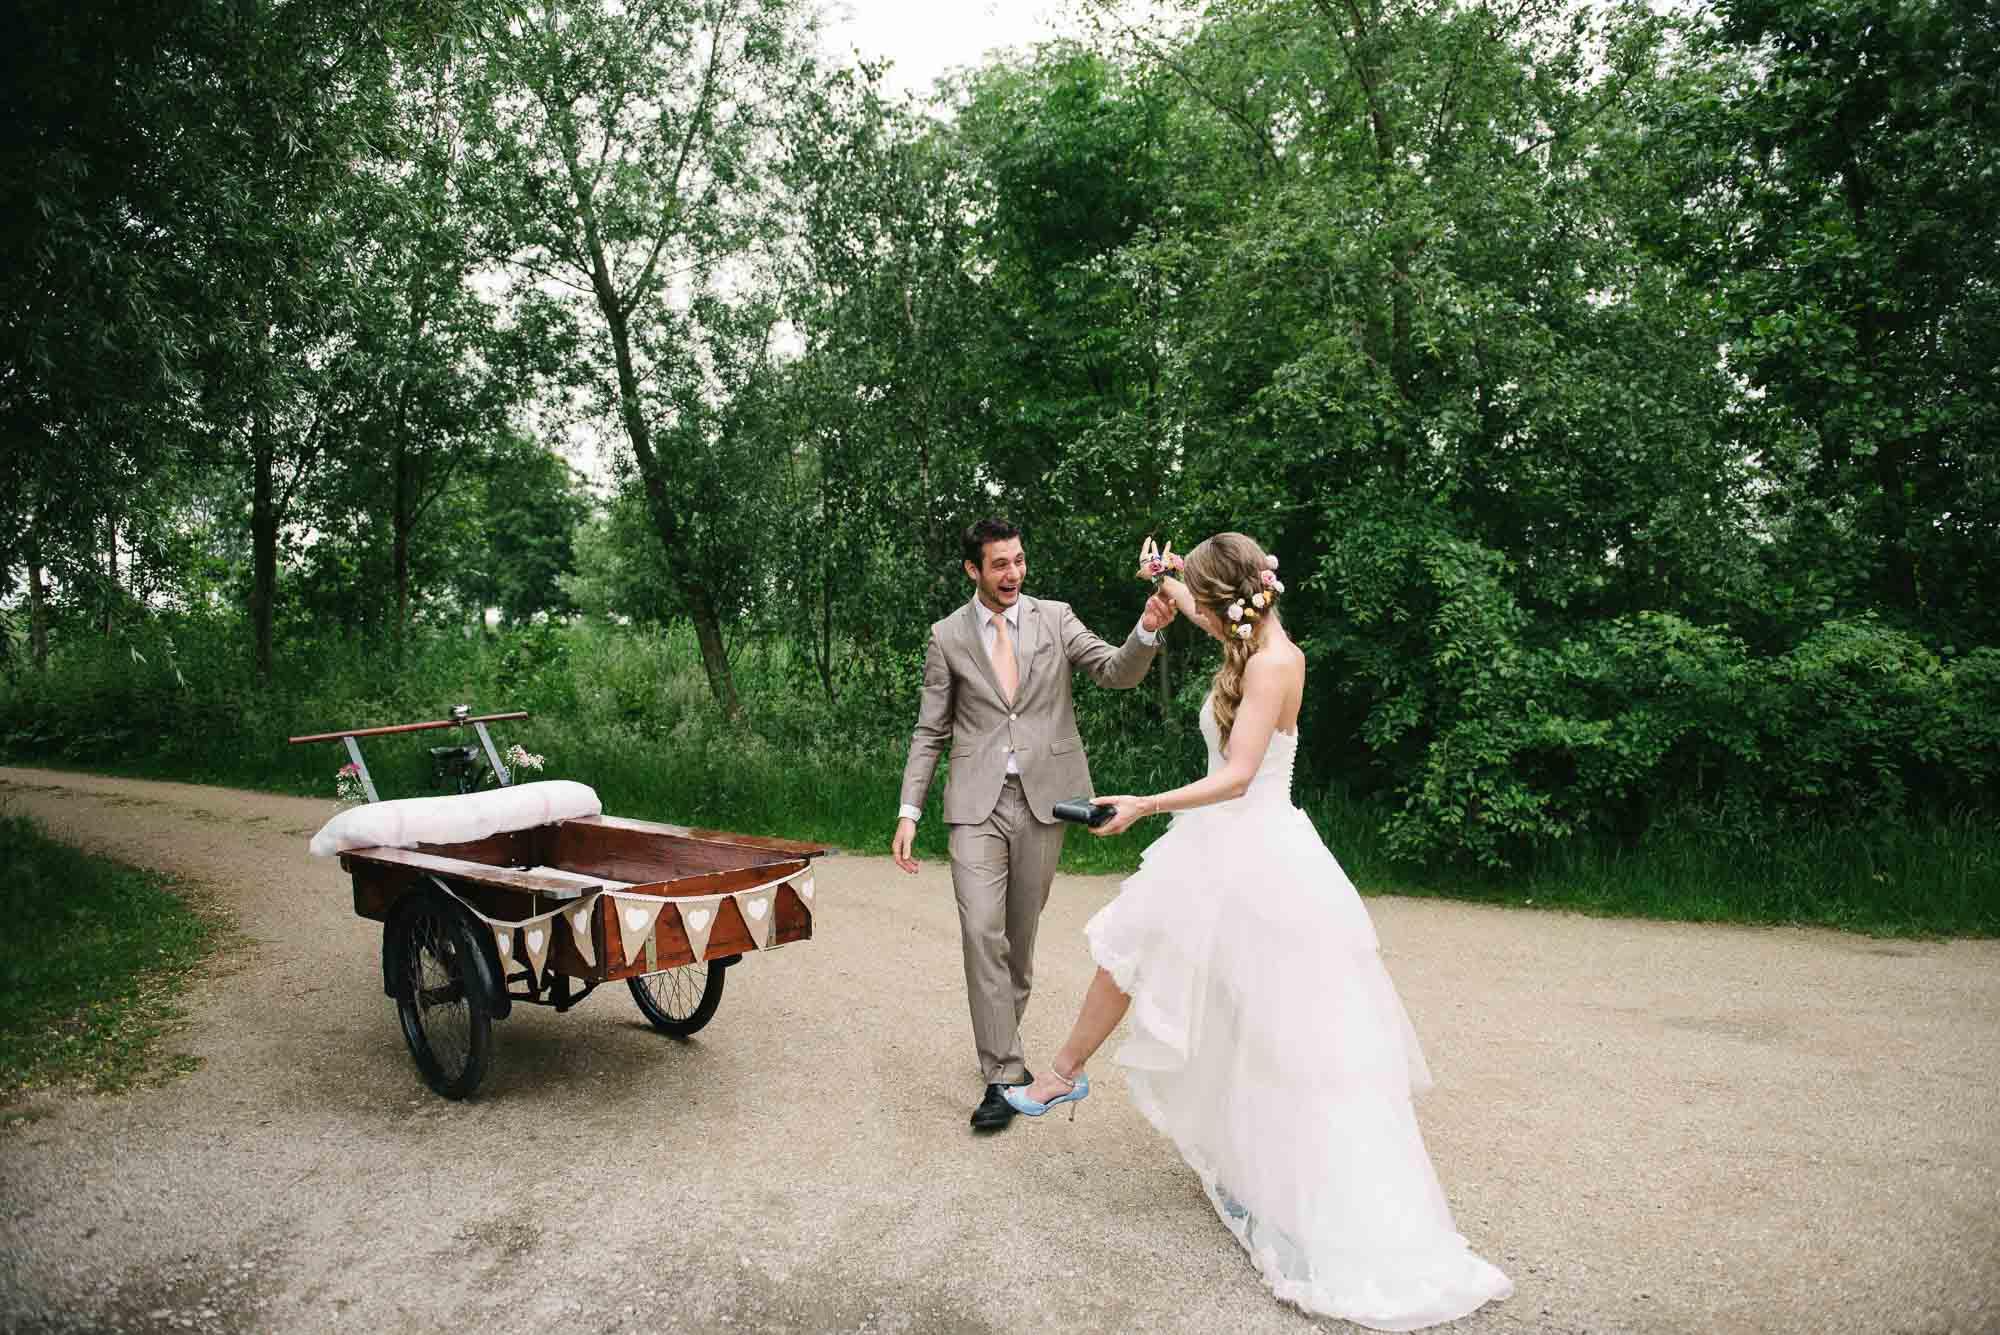 trouwen met bakfiets